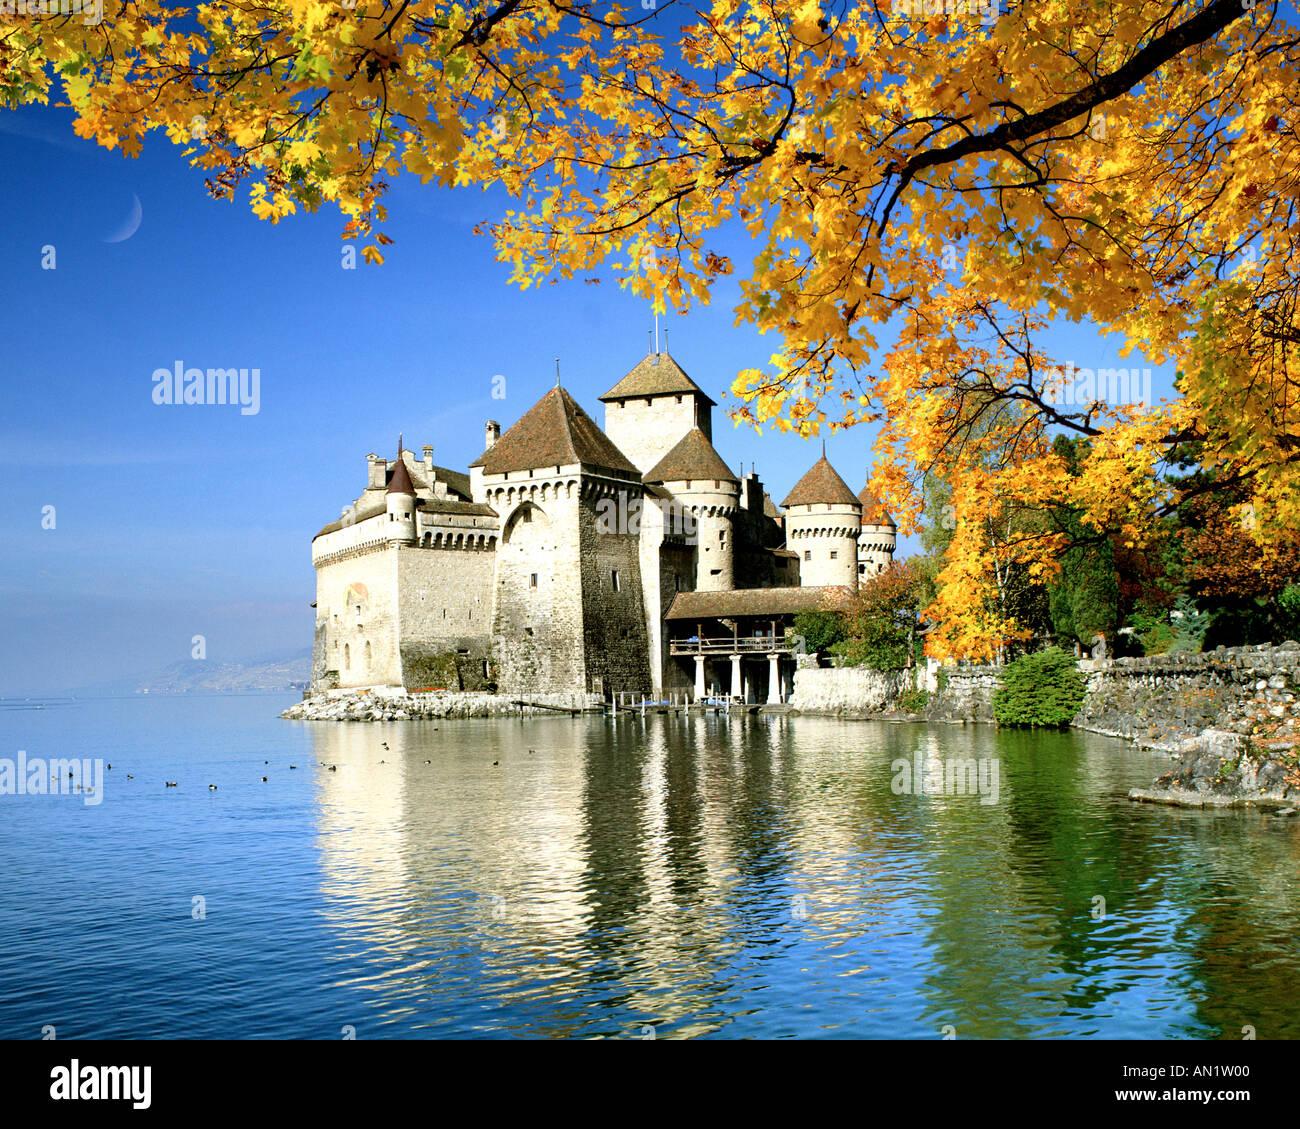 CH - Vaud: Chateau de Chillon sul lago di Ginevra Immagini Stock